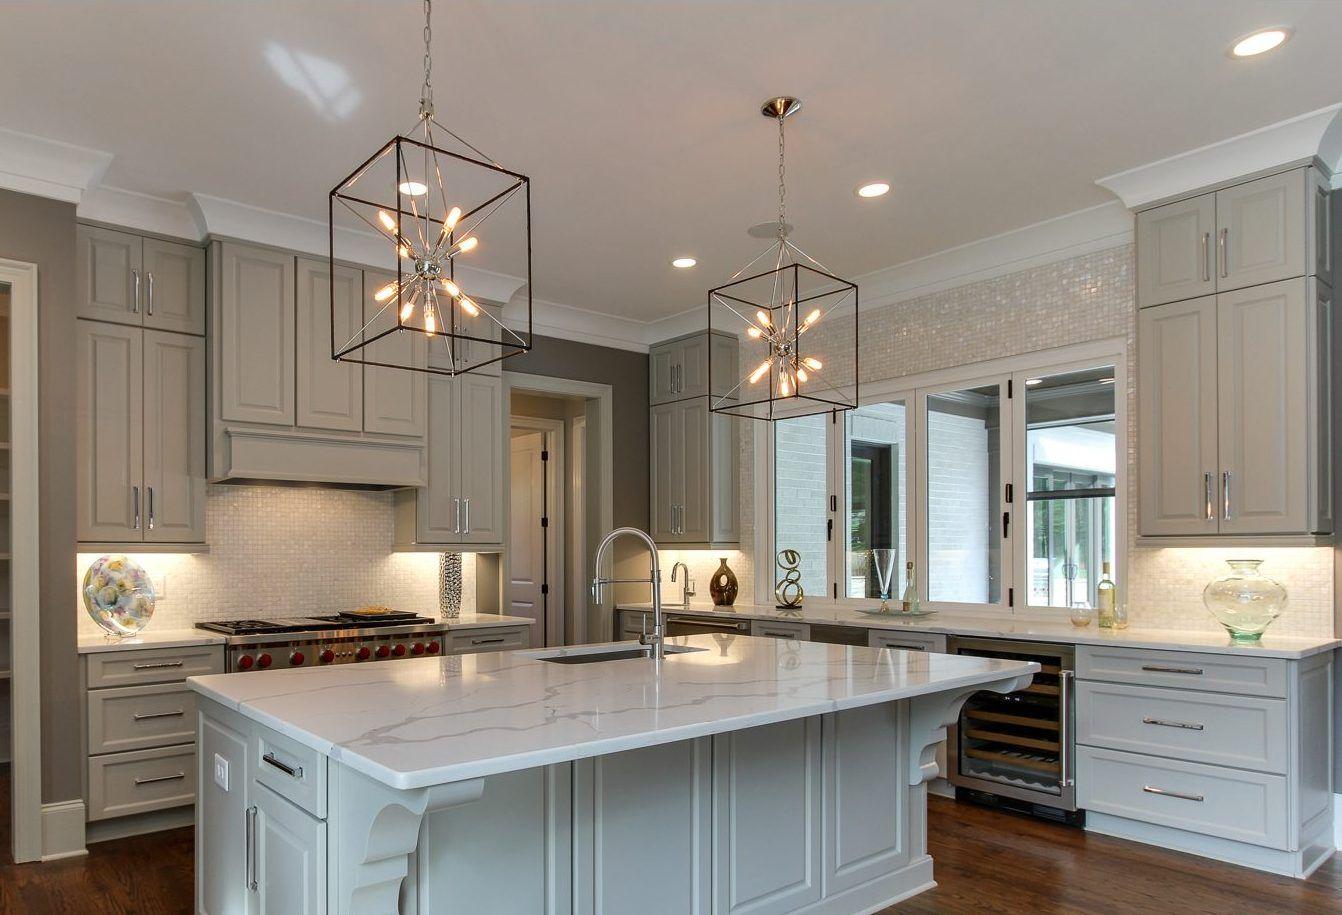 Httpswwwwellbornforesttop4Kitchencabinetdesigntrends Interesting Kitchen Cabinet Designs And Colors 2018